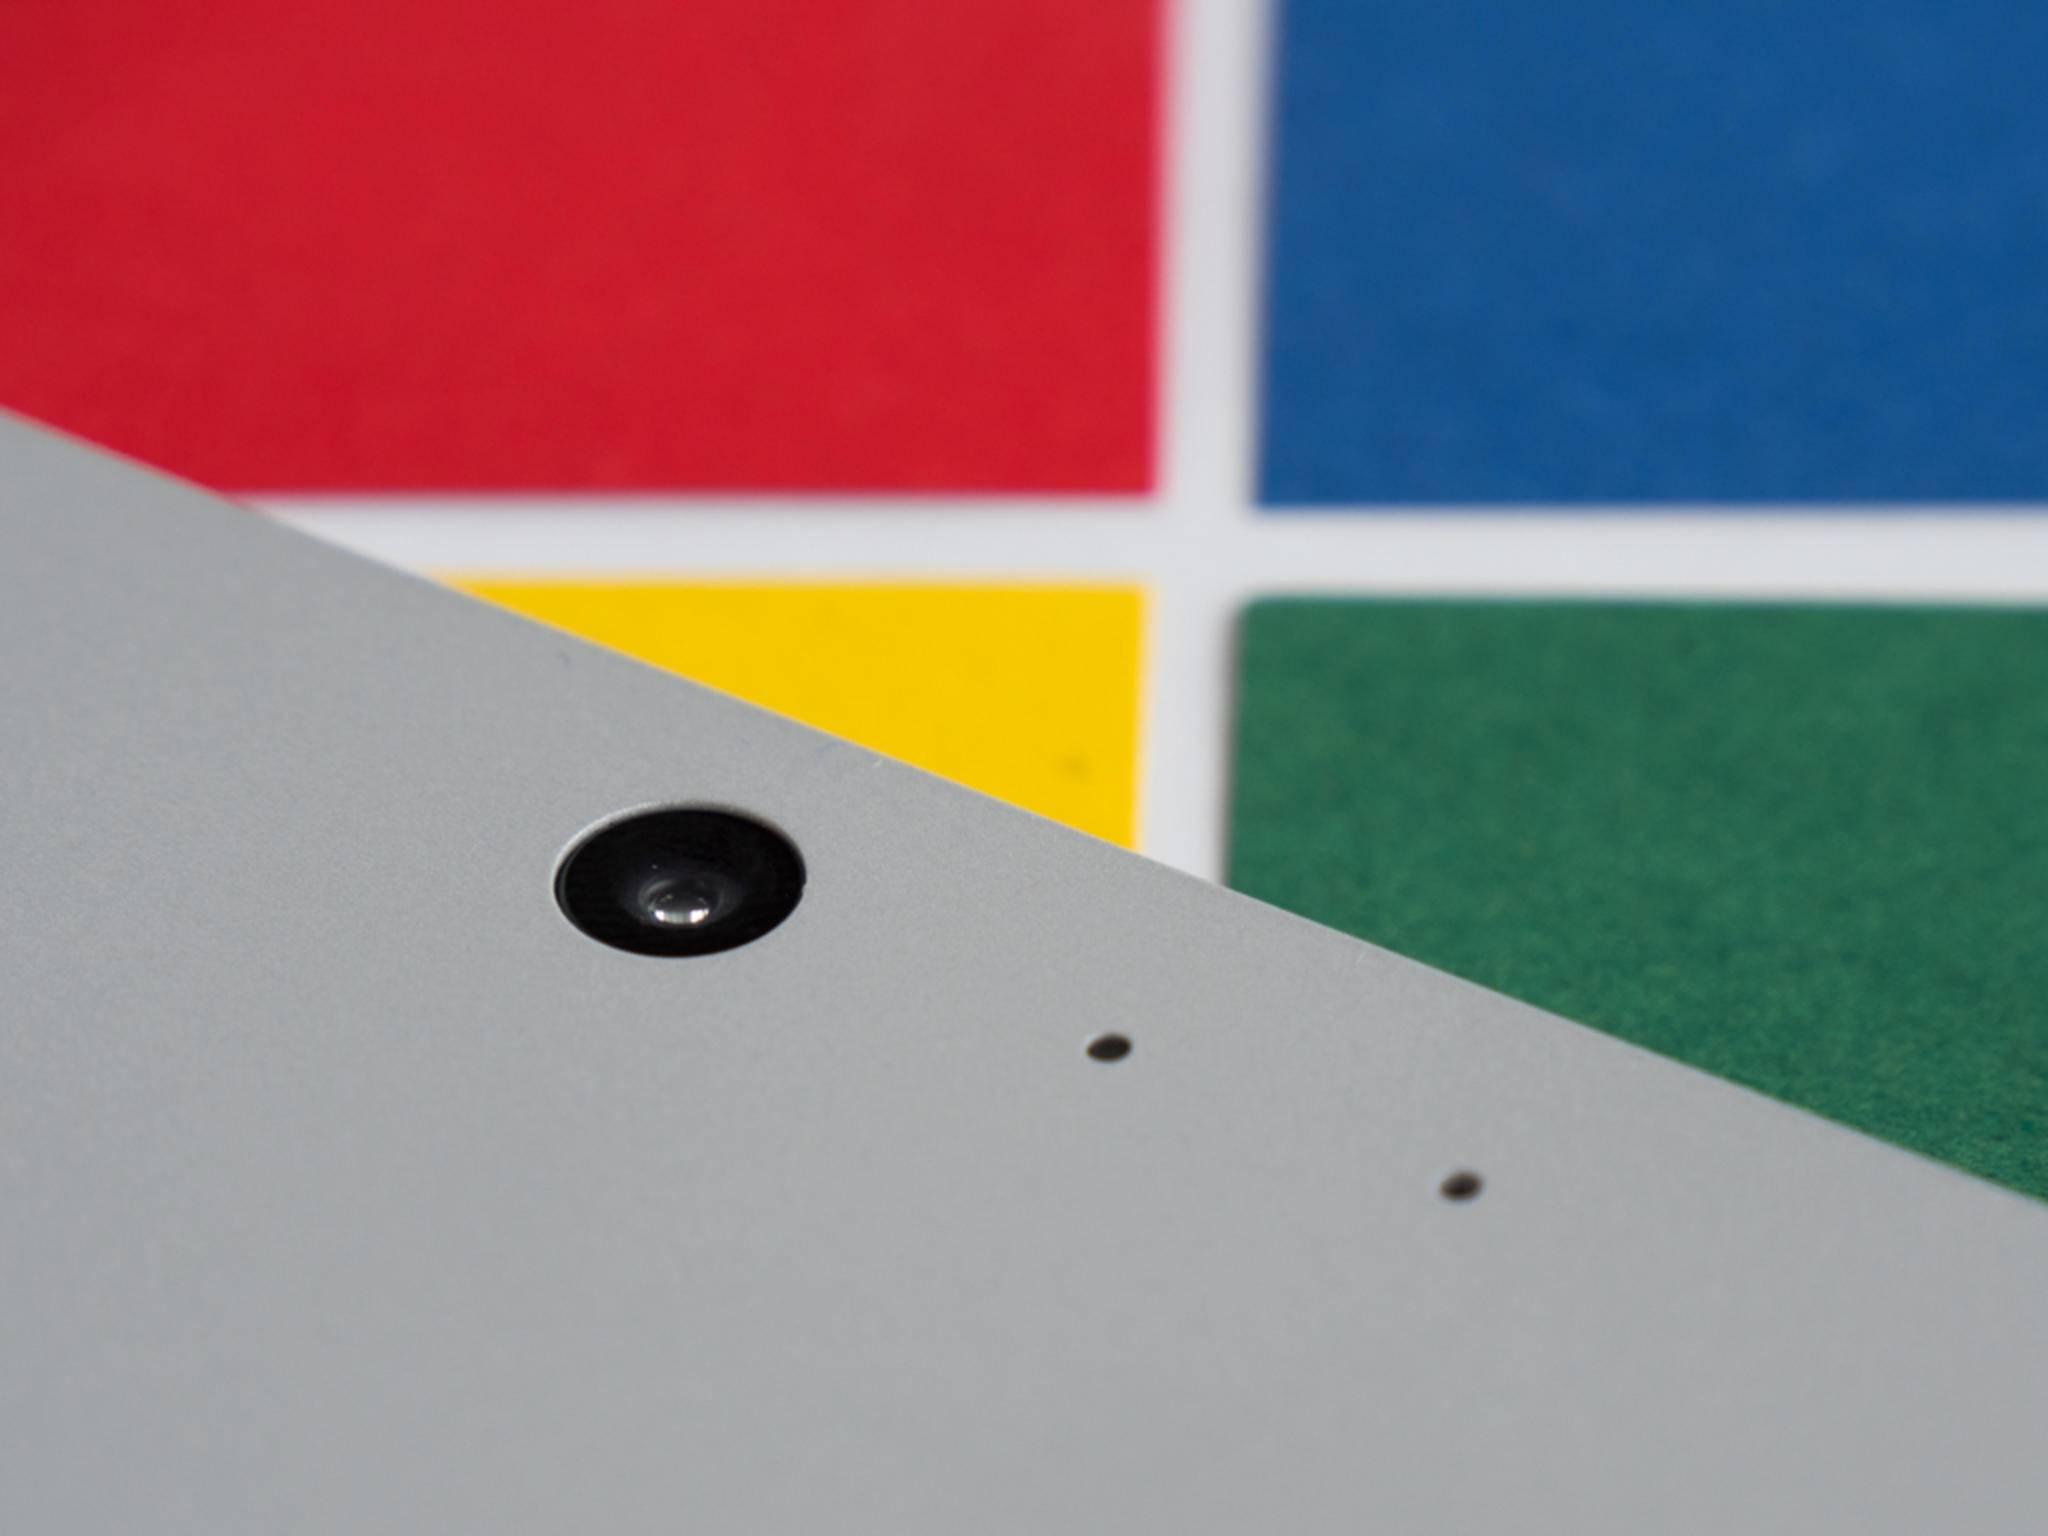 Das Surface Pro 4 besitzt eine 8-MP-Rück- und eine 5-MP-Frontkamera.